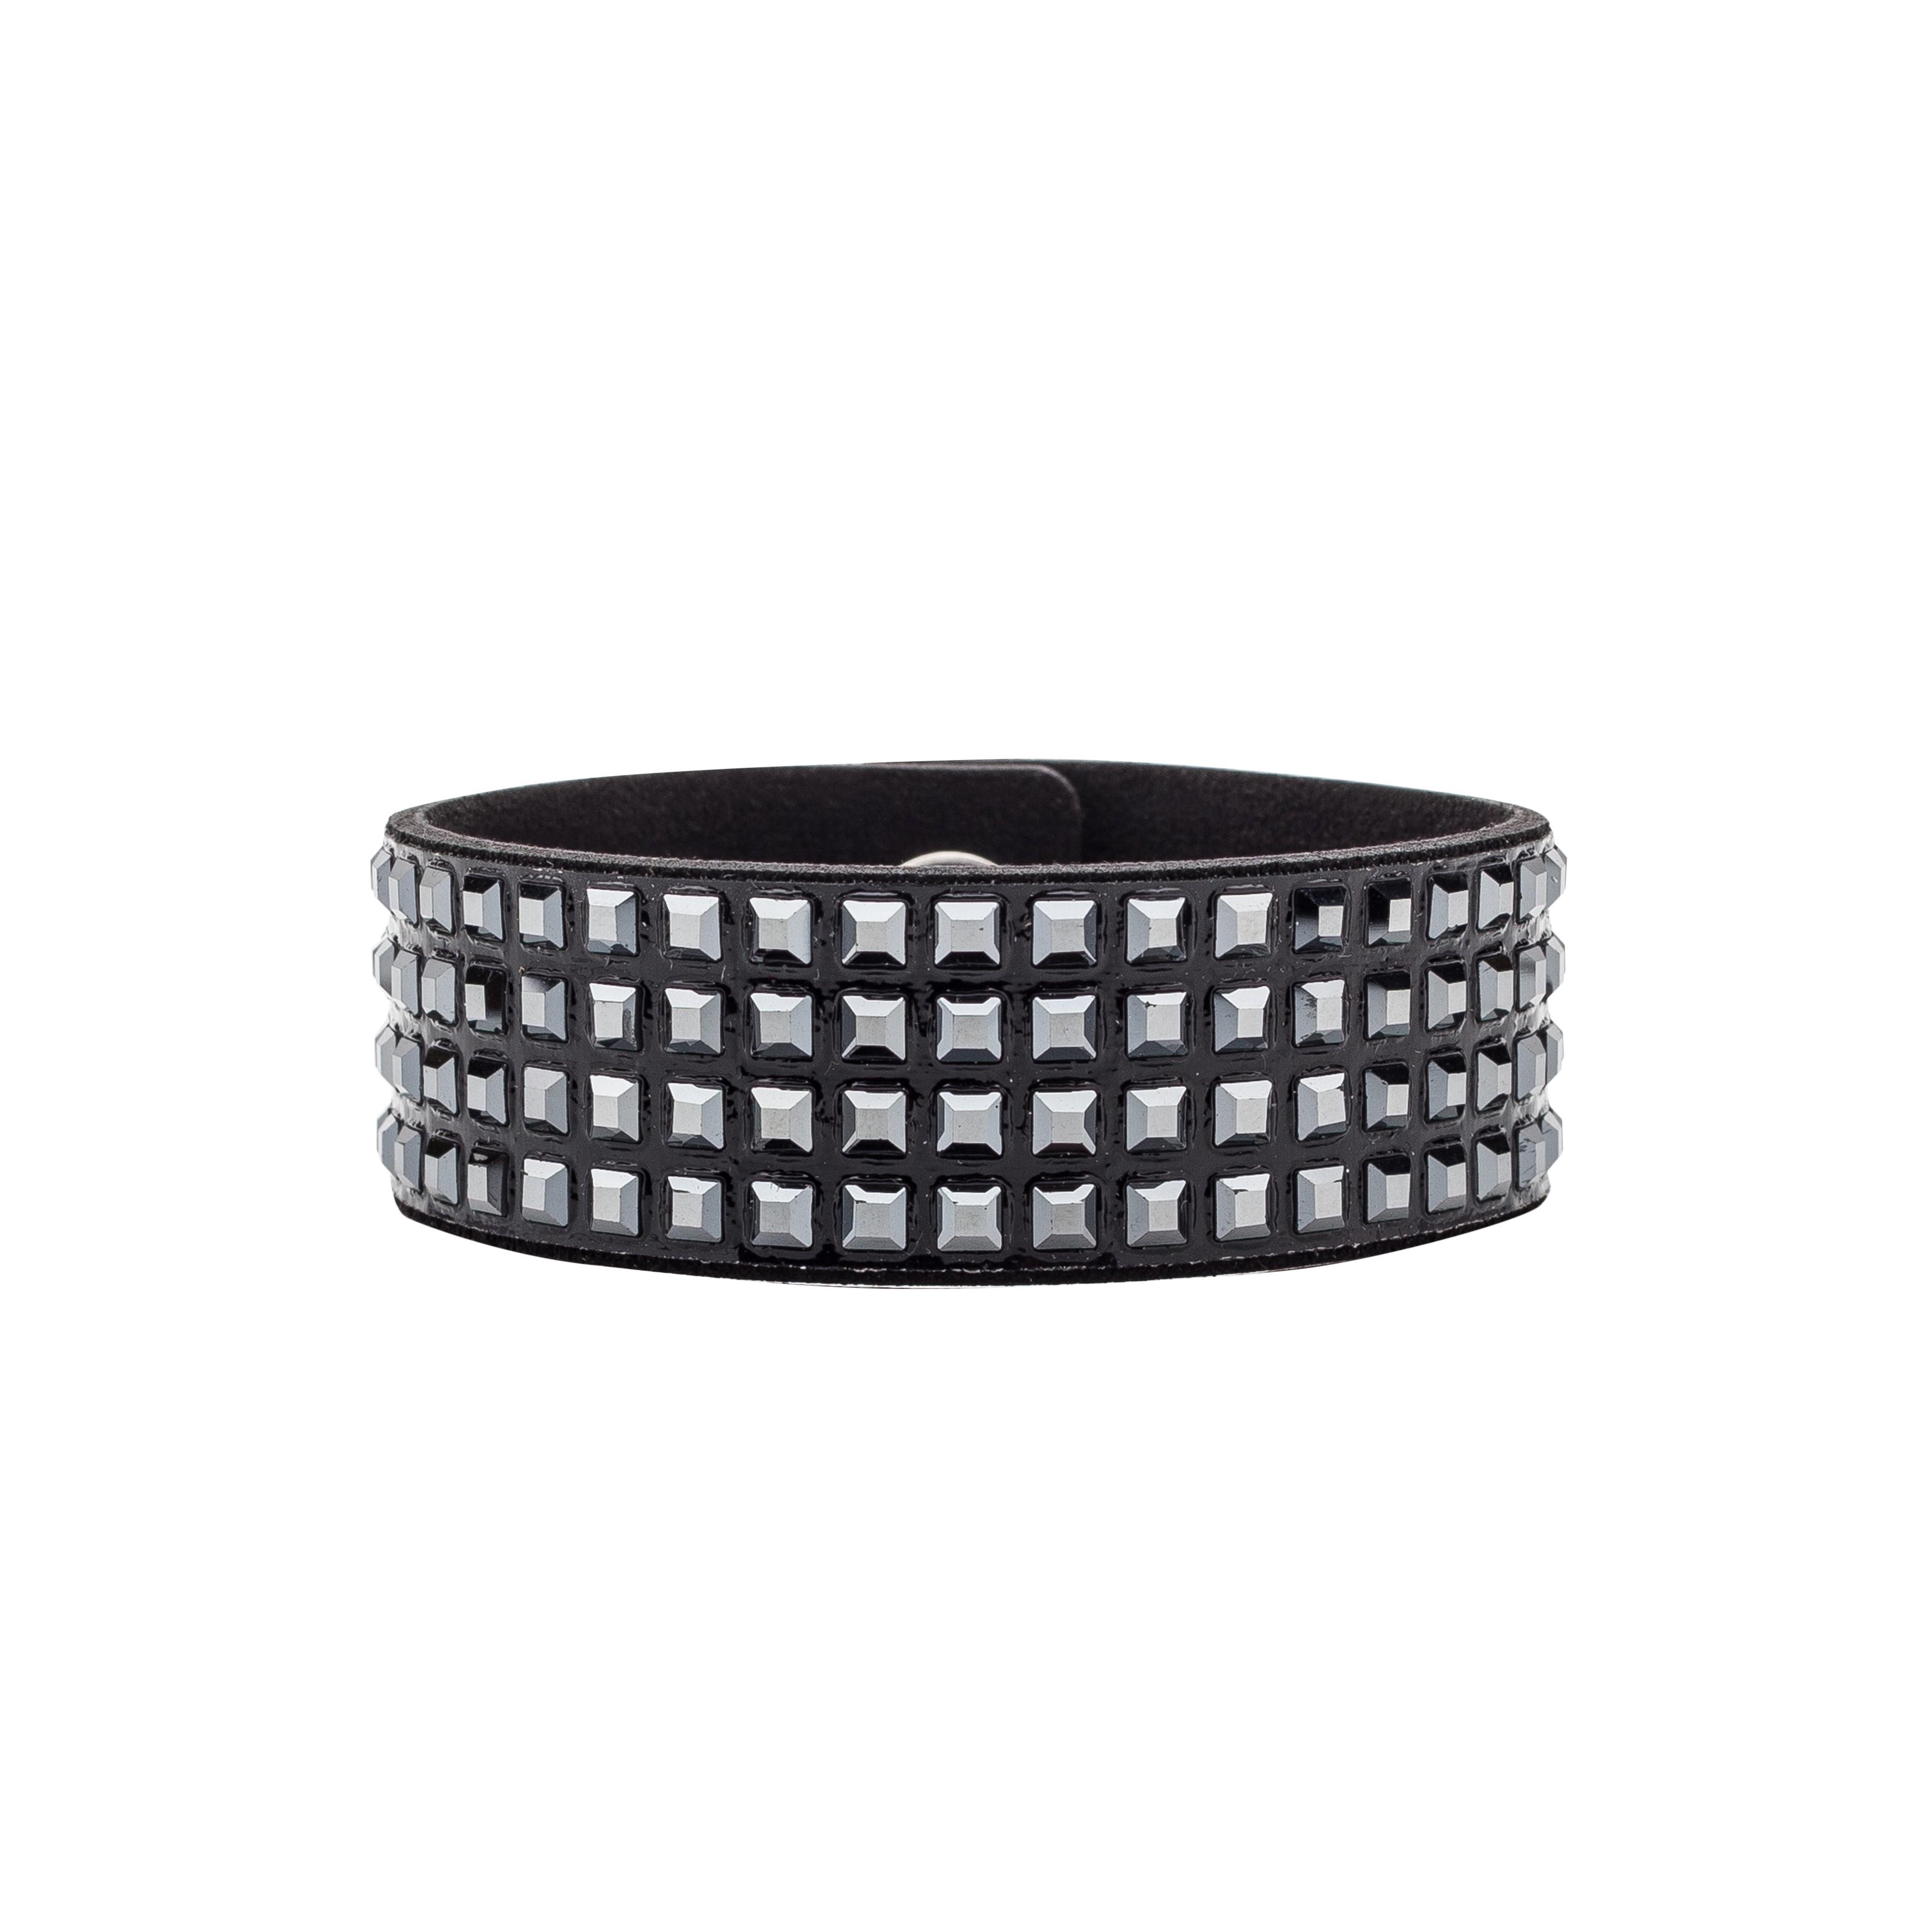 Italian Alcantara bracelet with Swarovski stones - MODEL 4